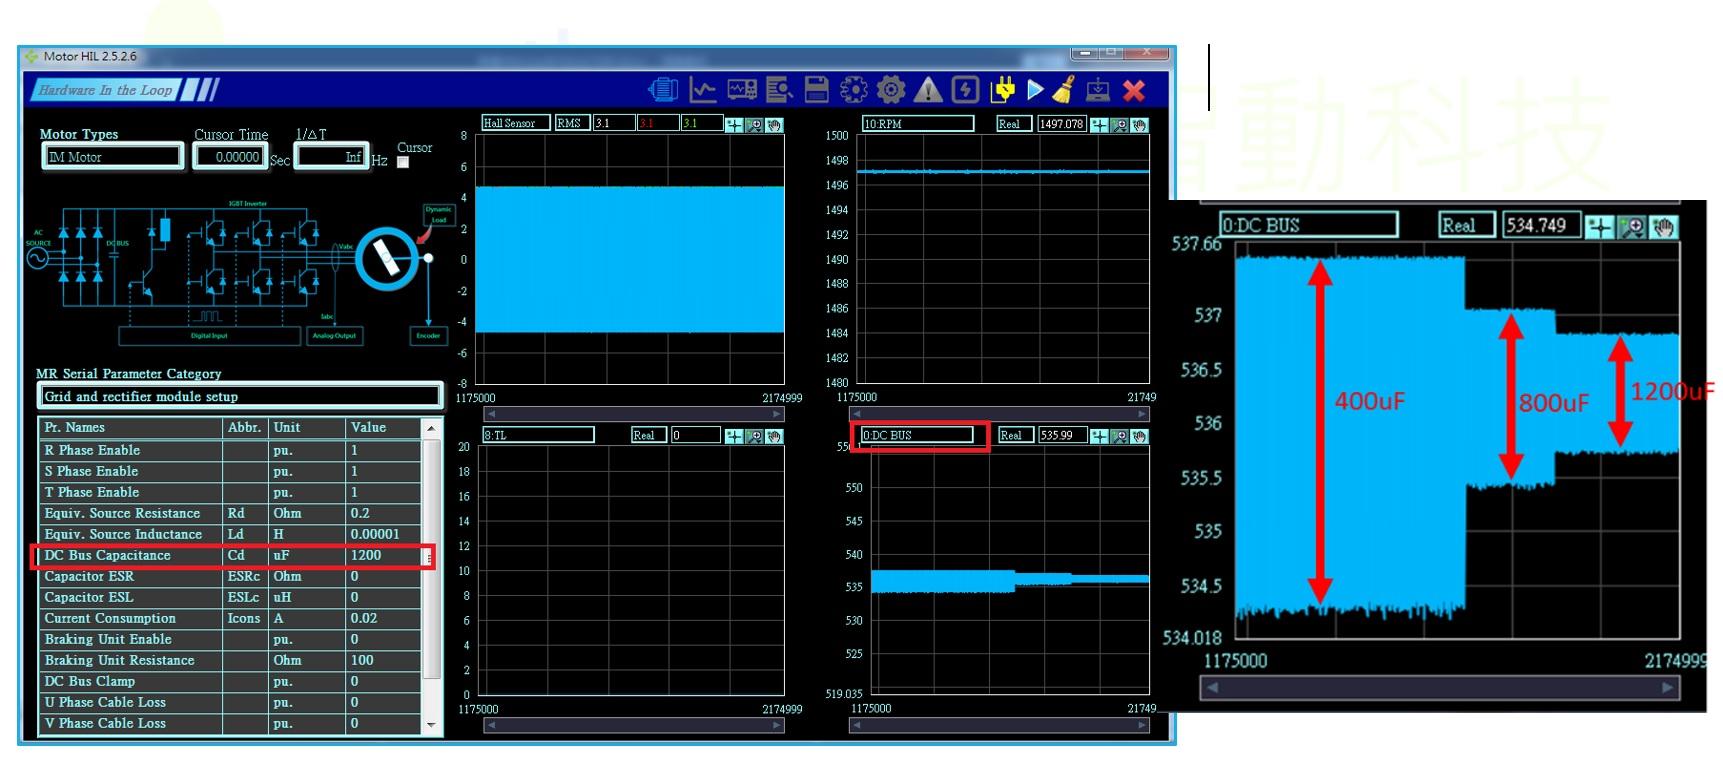 修改DC電容值,觀察DC BUS電壓行為變化